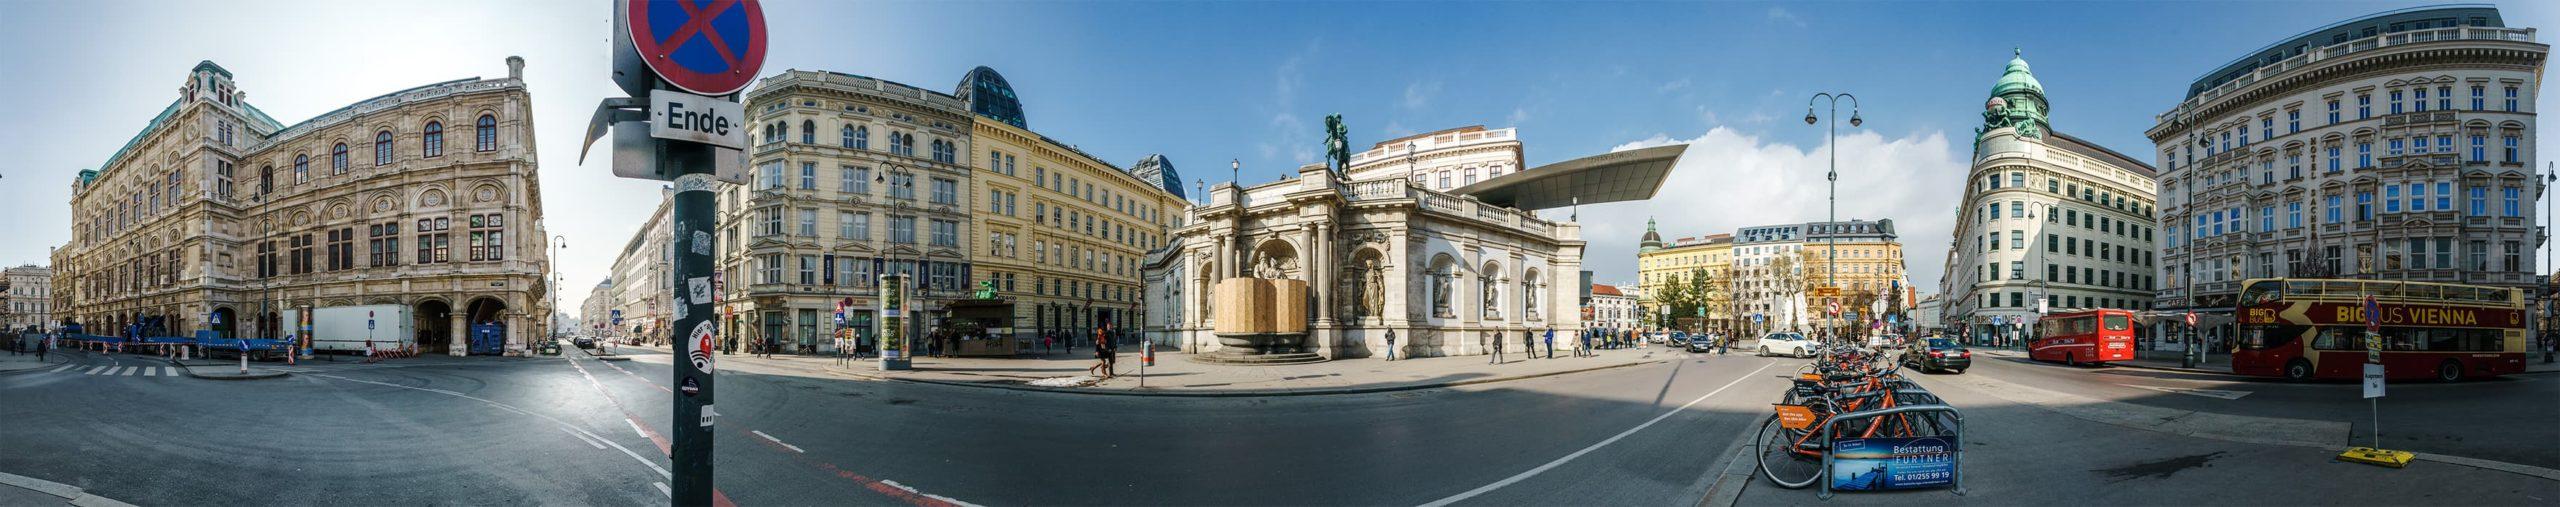 wien-panorama-albertinaplatz